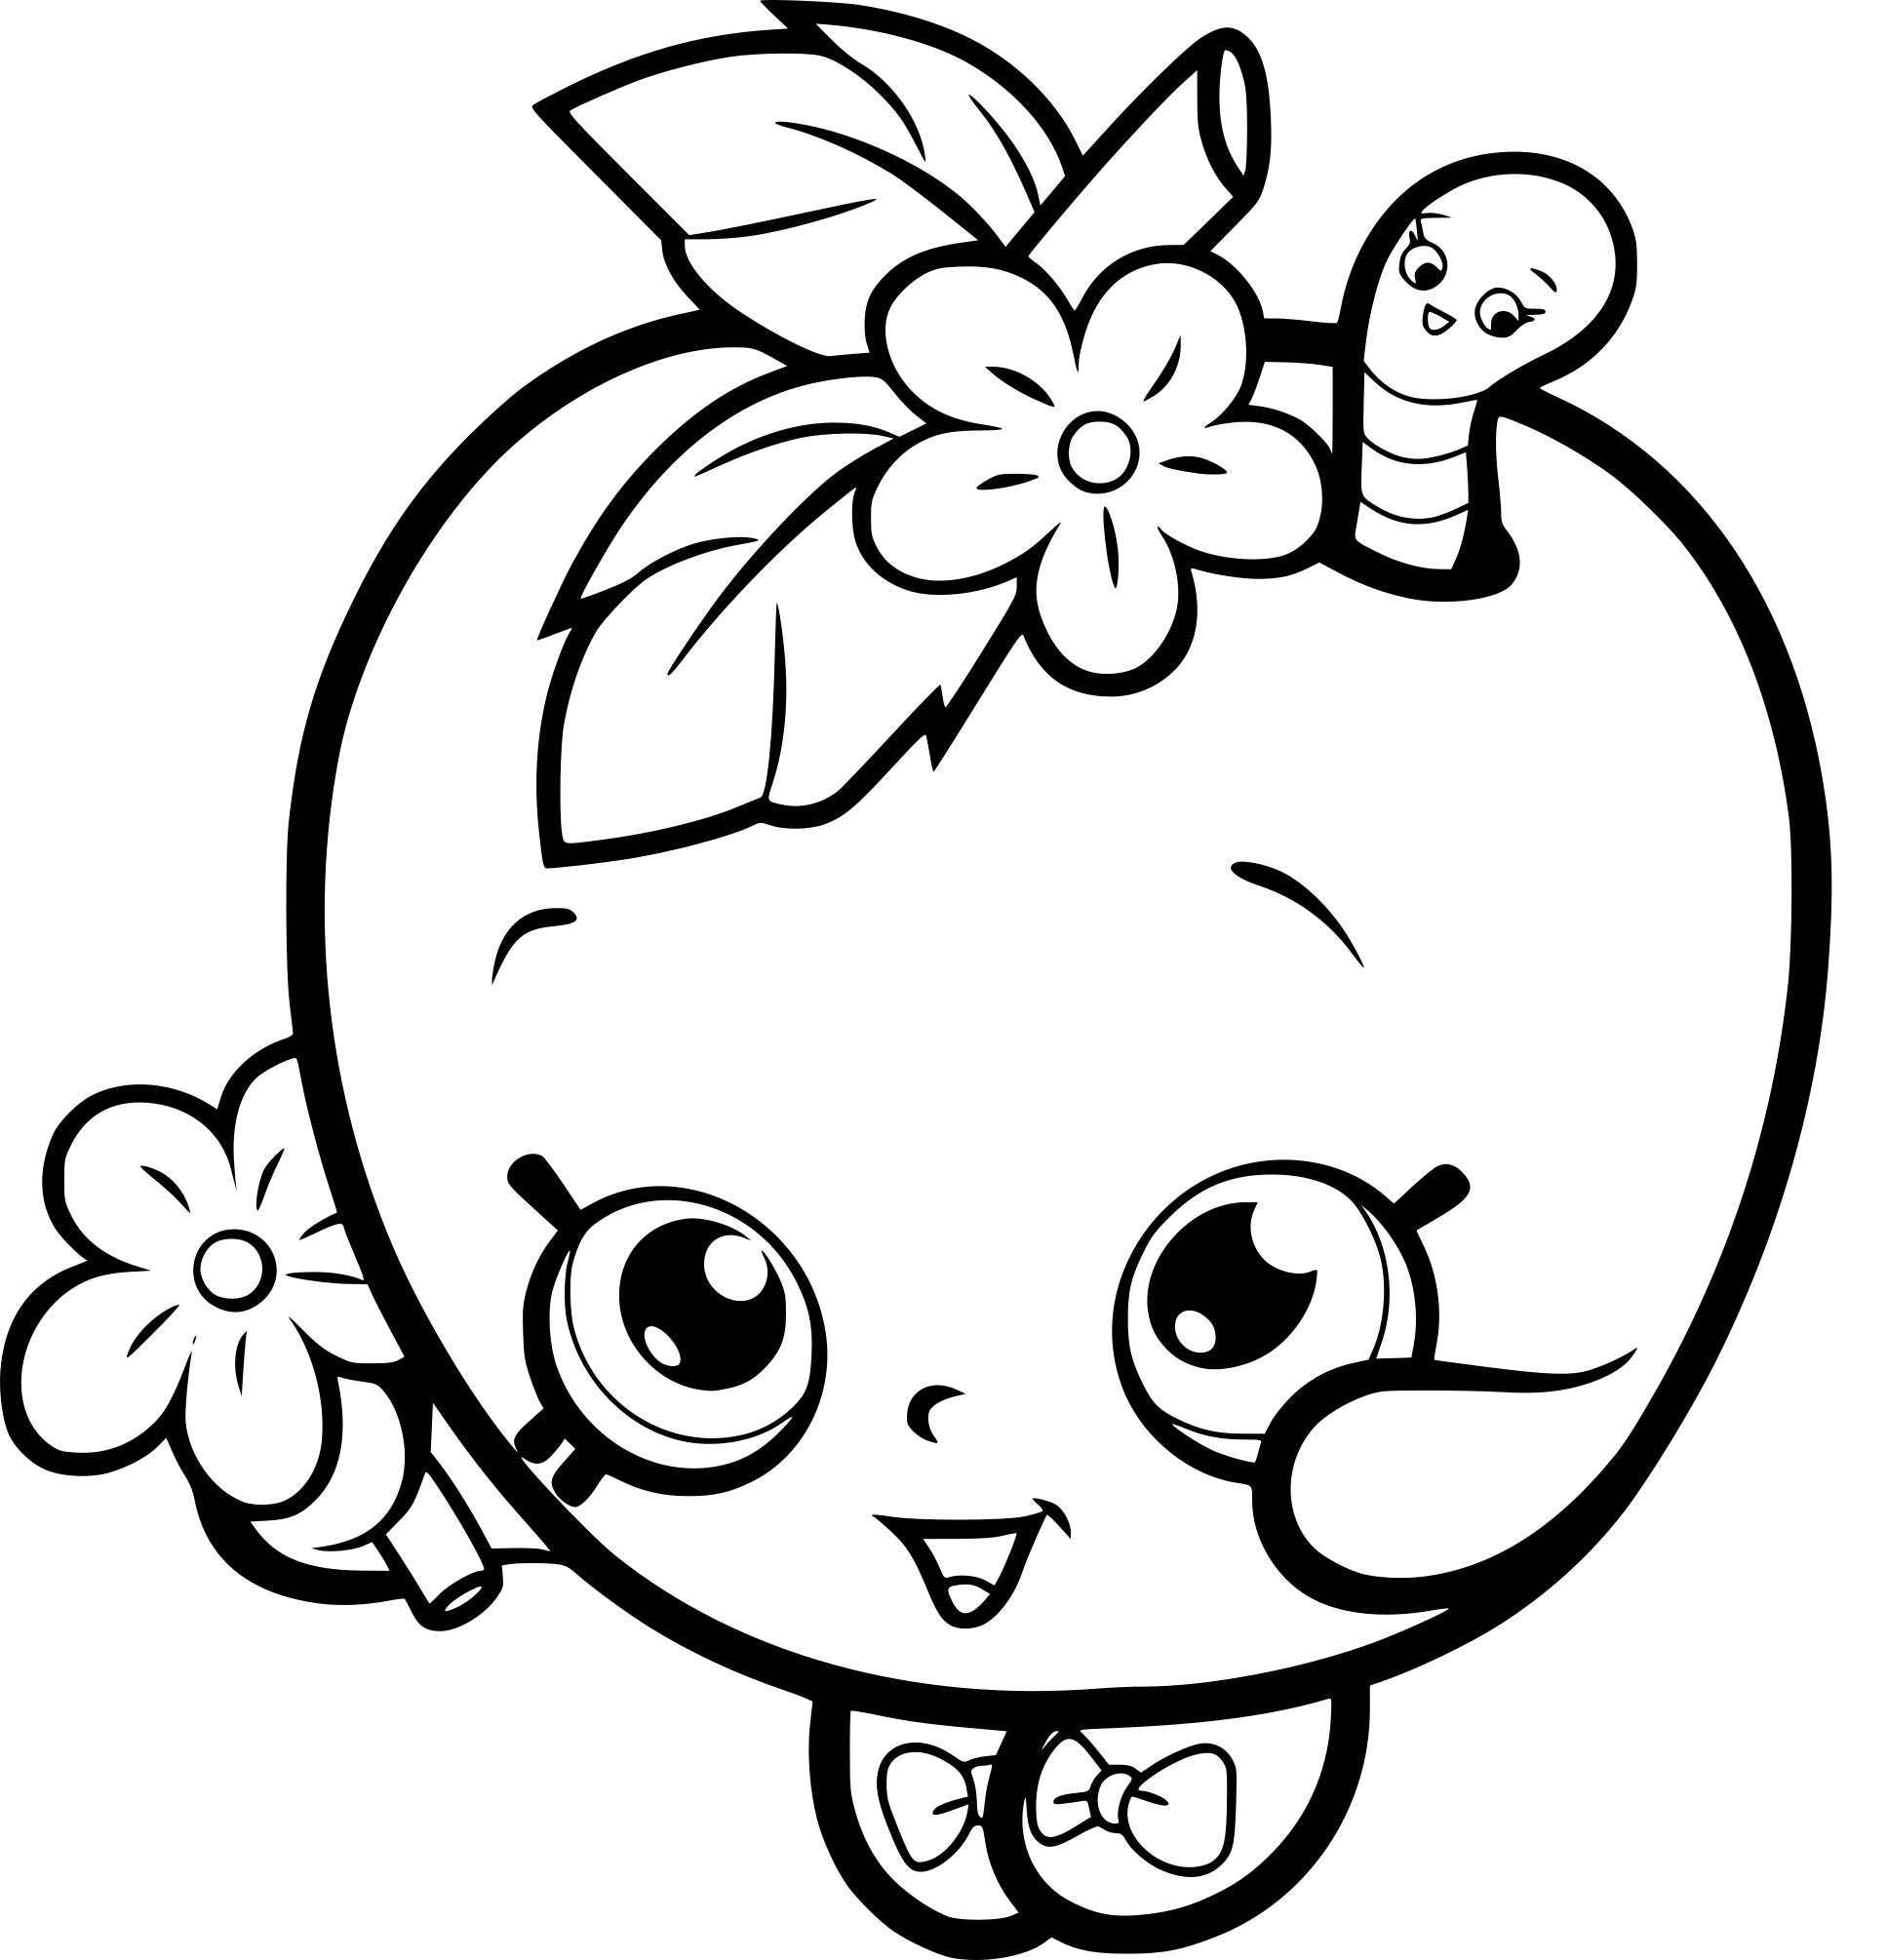 Coloriage shopkins pomme verte imprimer gratuit - Dessin pomme a colorier ...